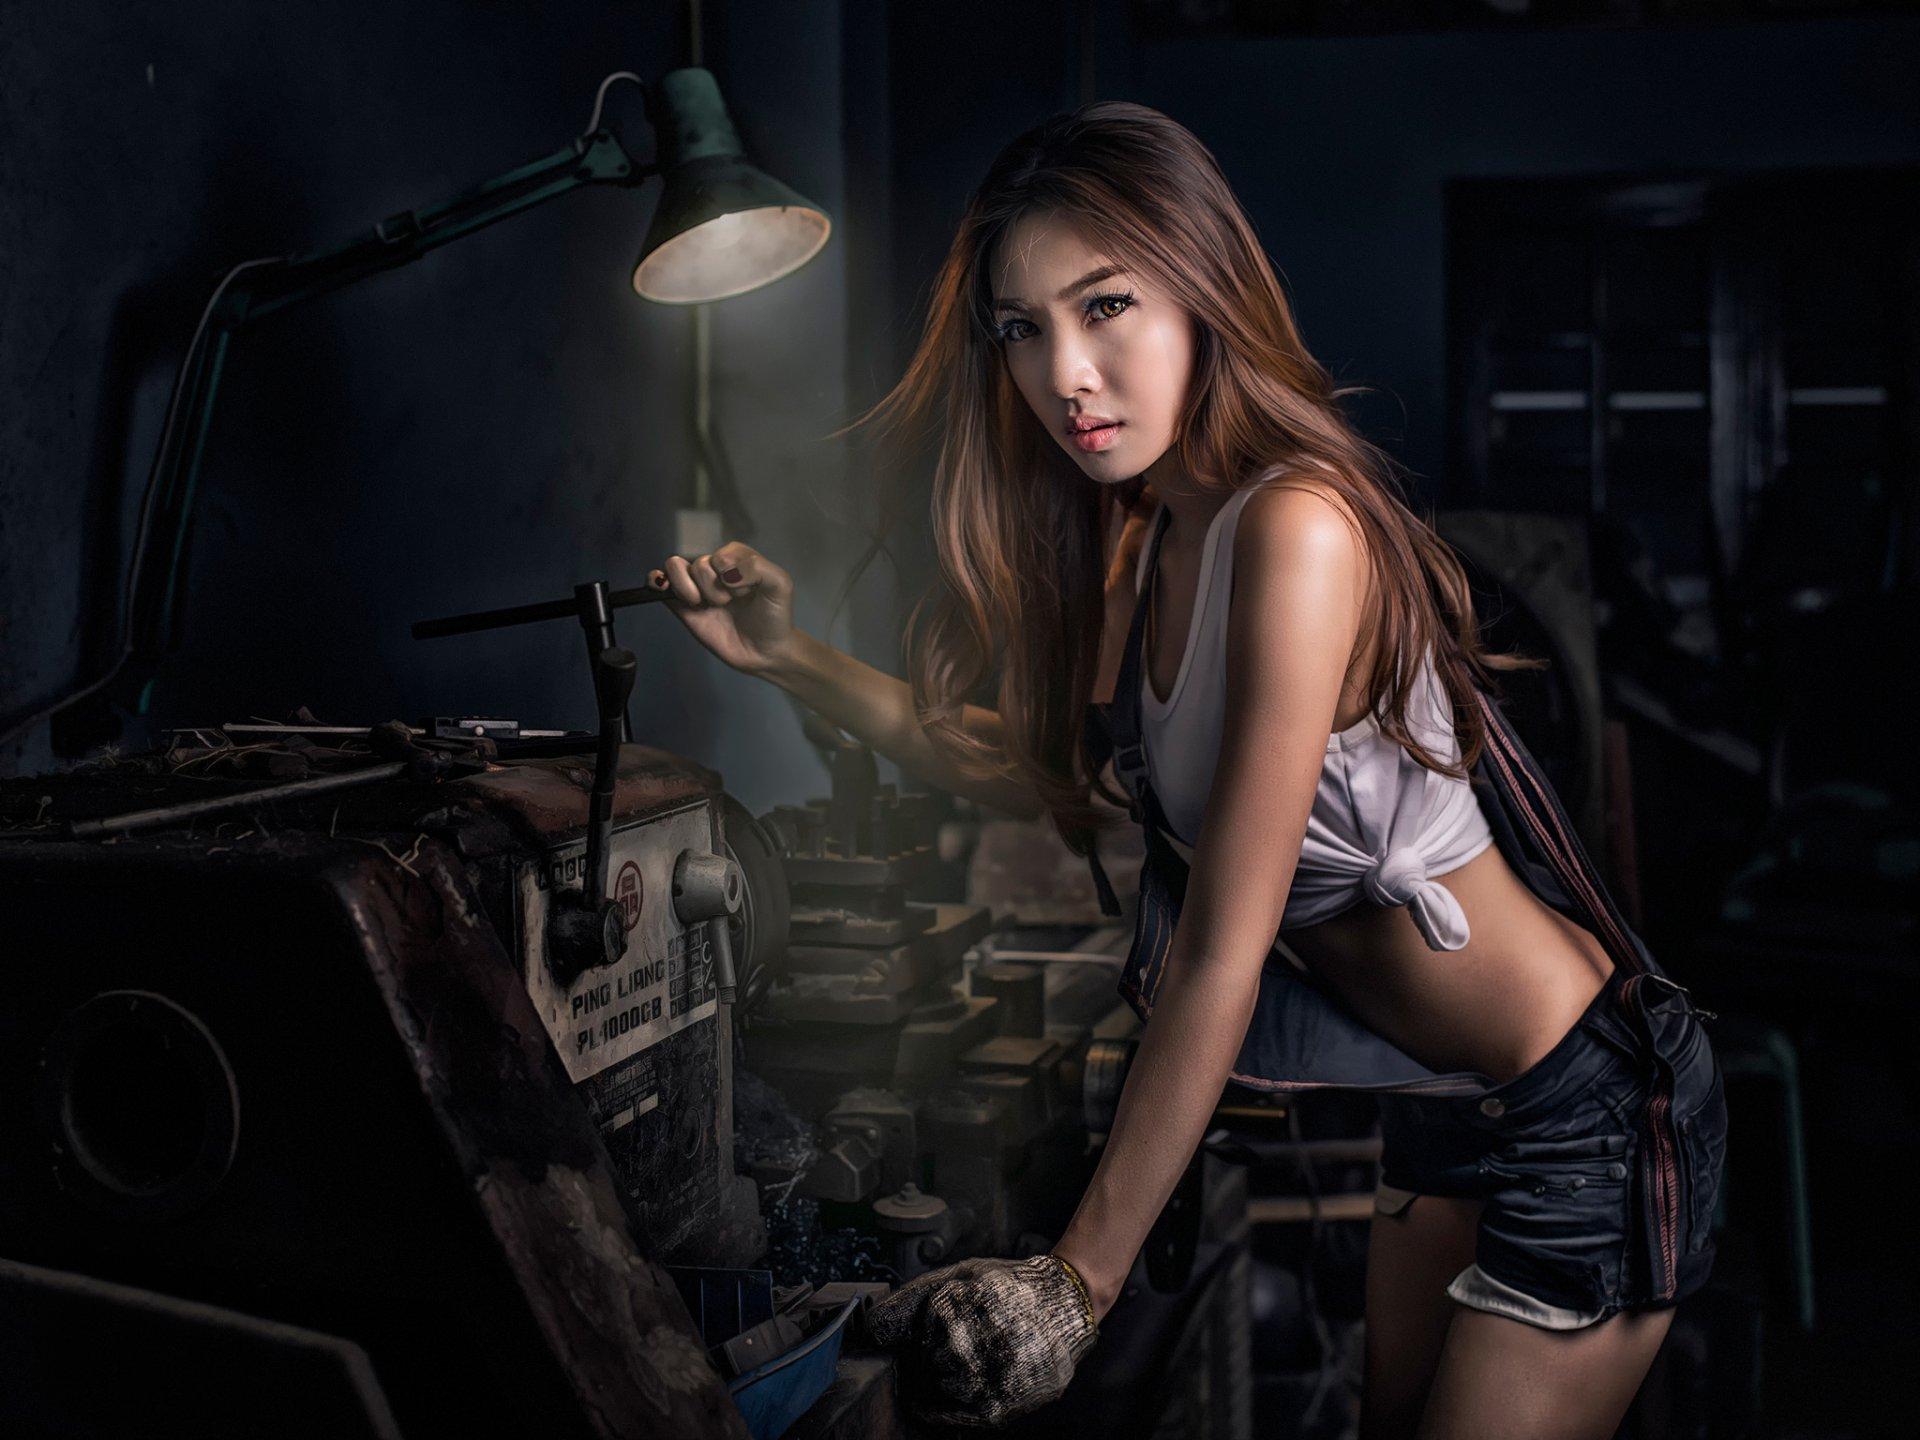 Фото рабочий станок девки самое